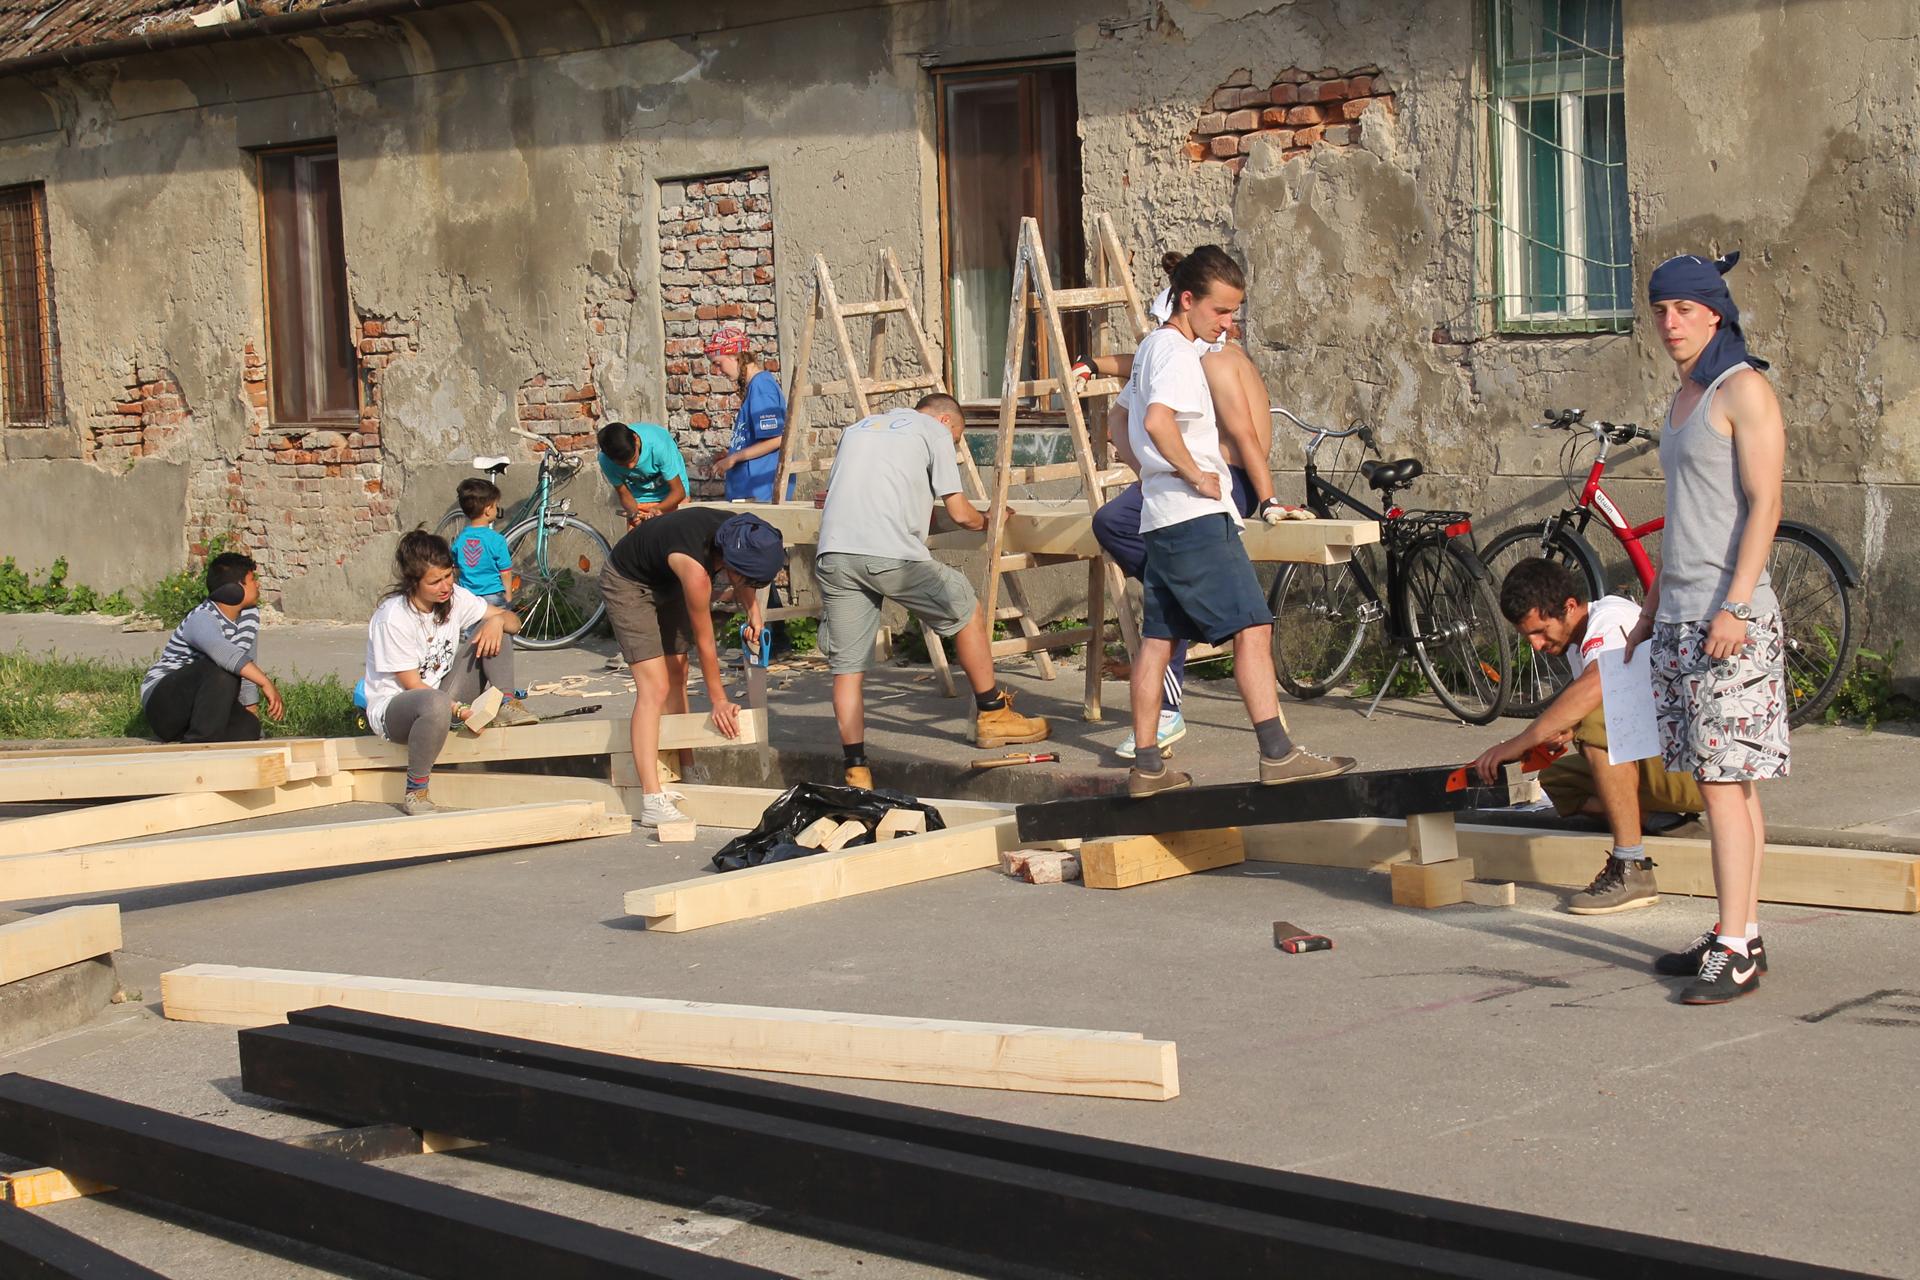 Много рязане имаше, но и голям екип с още повече доброволци от квартала.